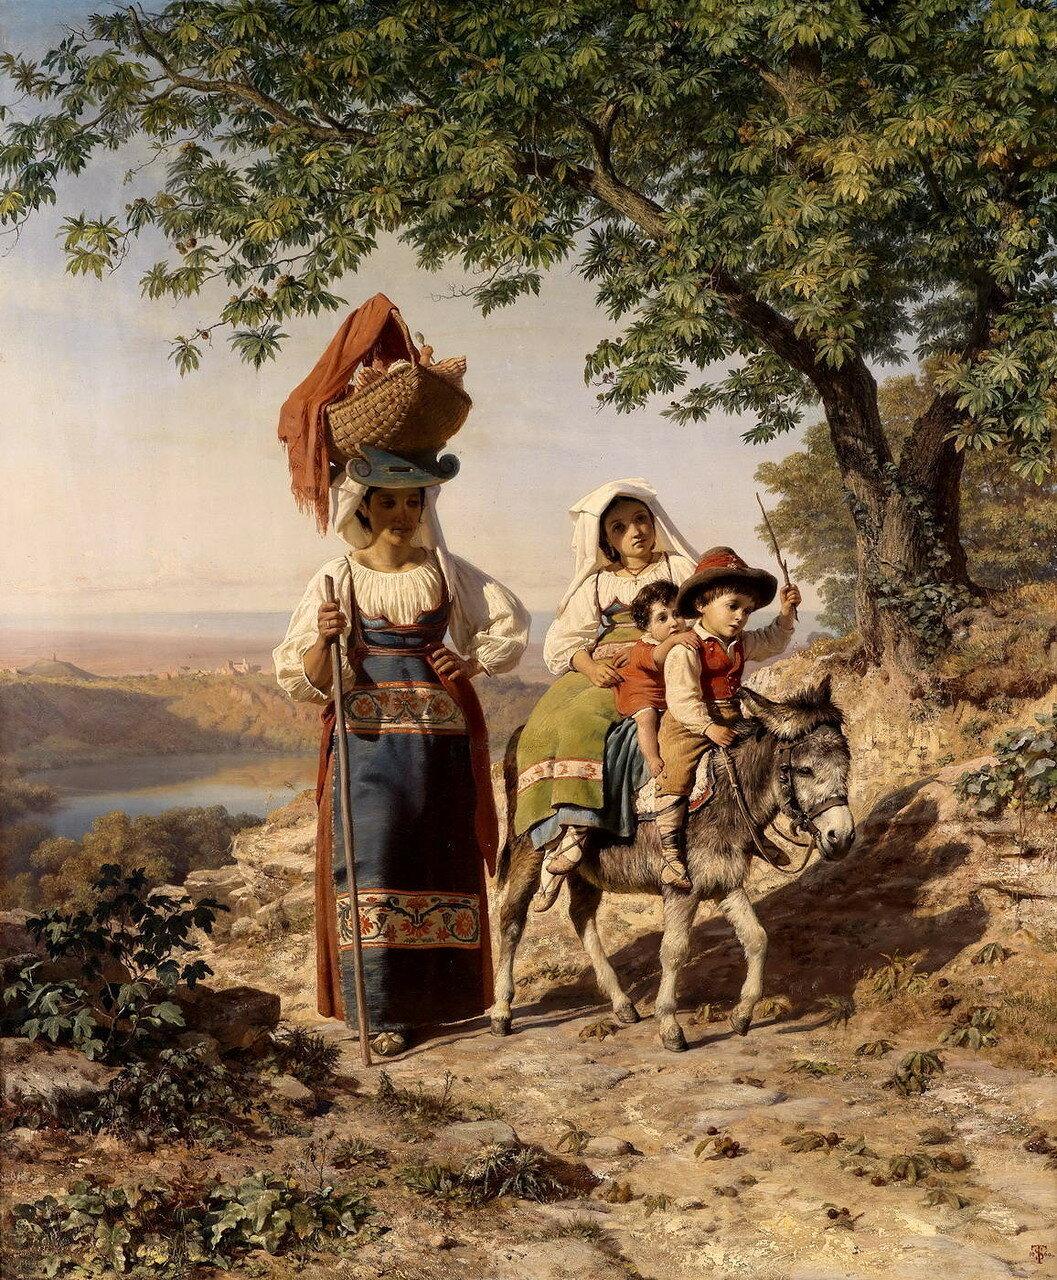 Frederik Ludvig Storch (Denmark, 1805 - 1883)